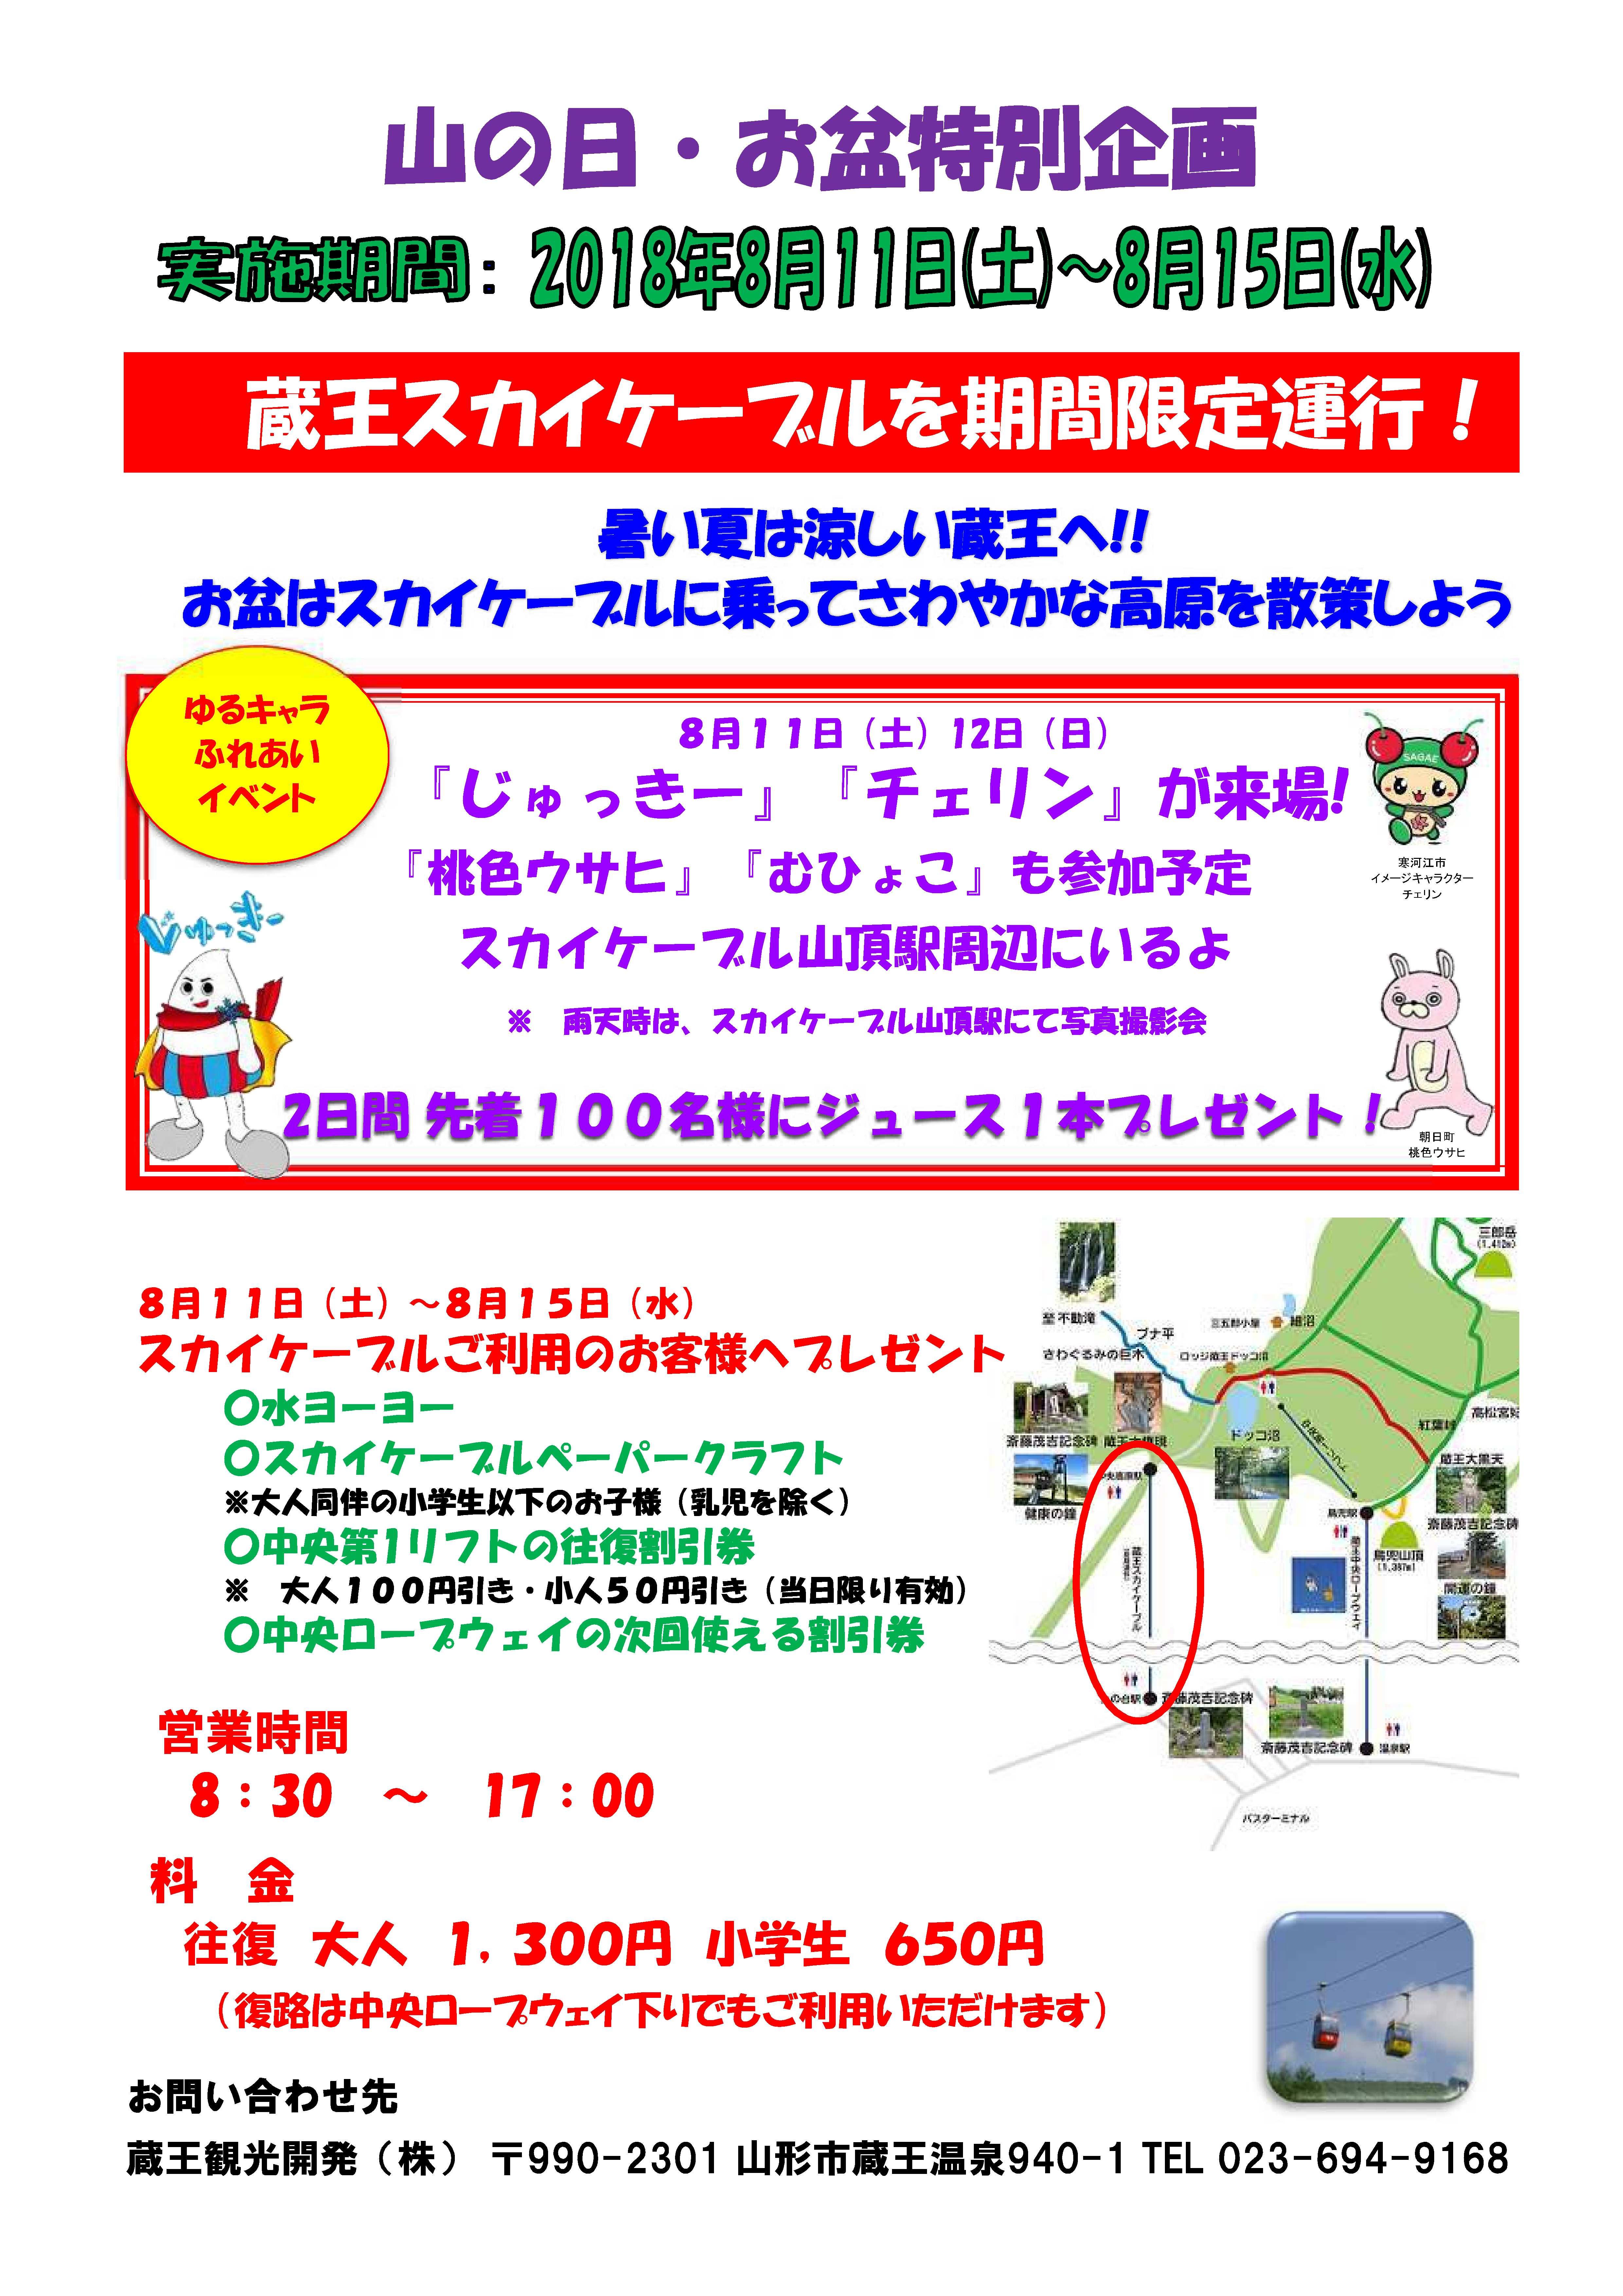 コピー山の日・お盆チラシ2018 HP-2